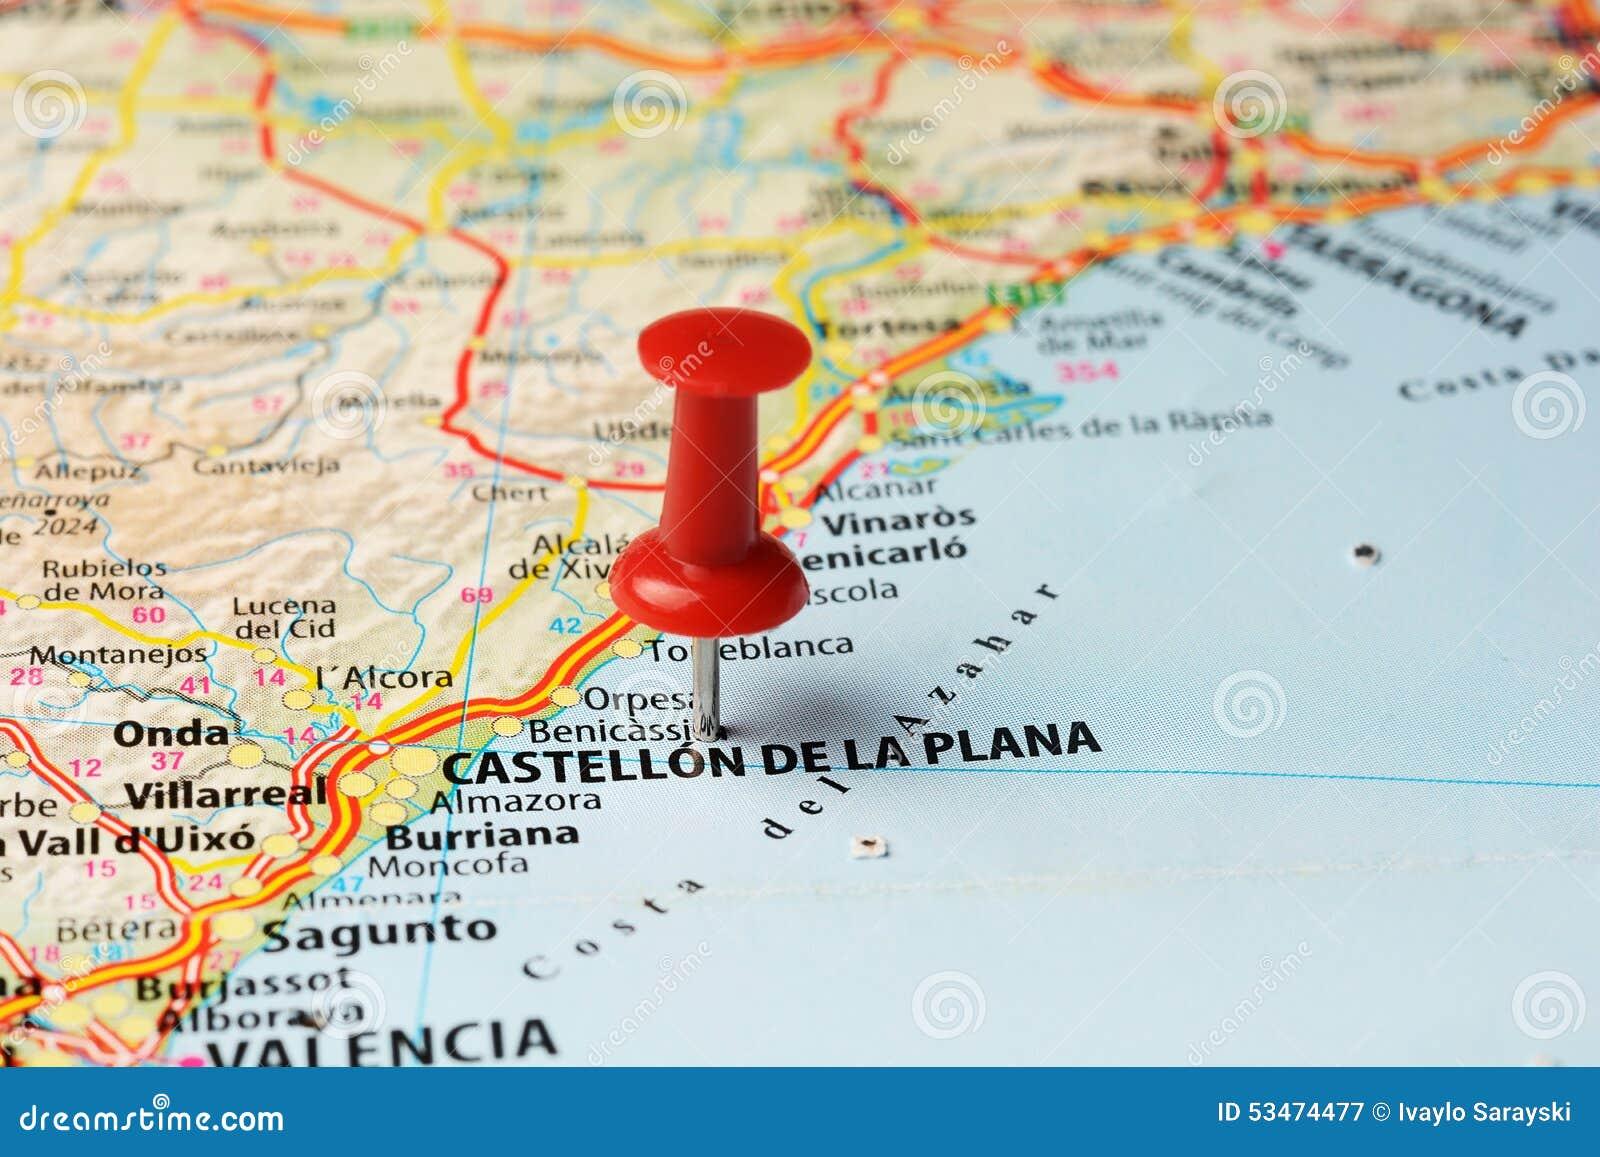 Pino Do Mapa De Castellon De La Plana Imagem De Stock Imagem De